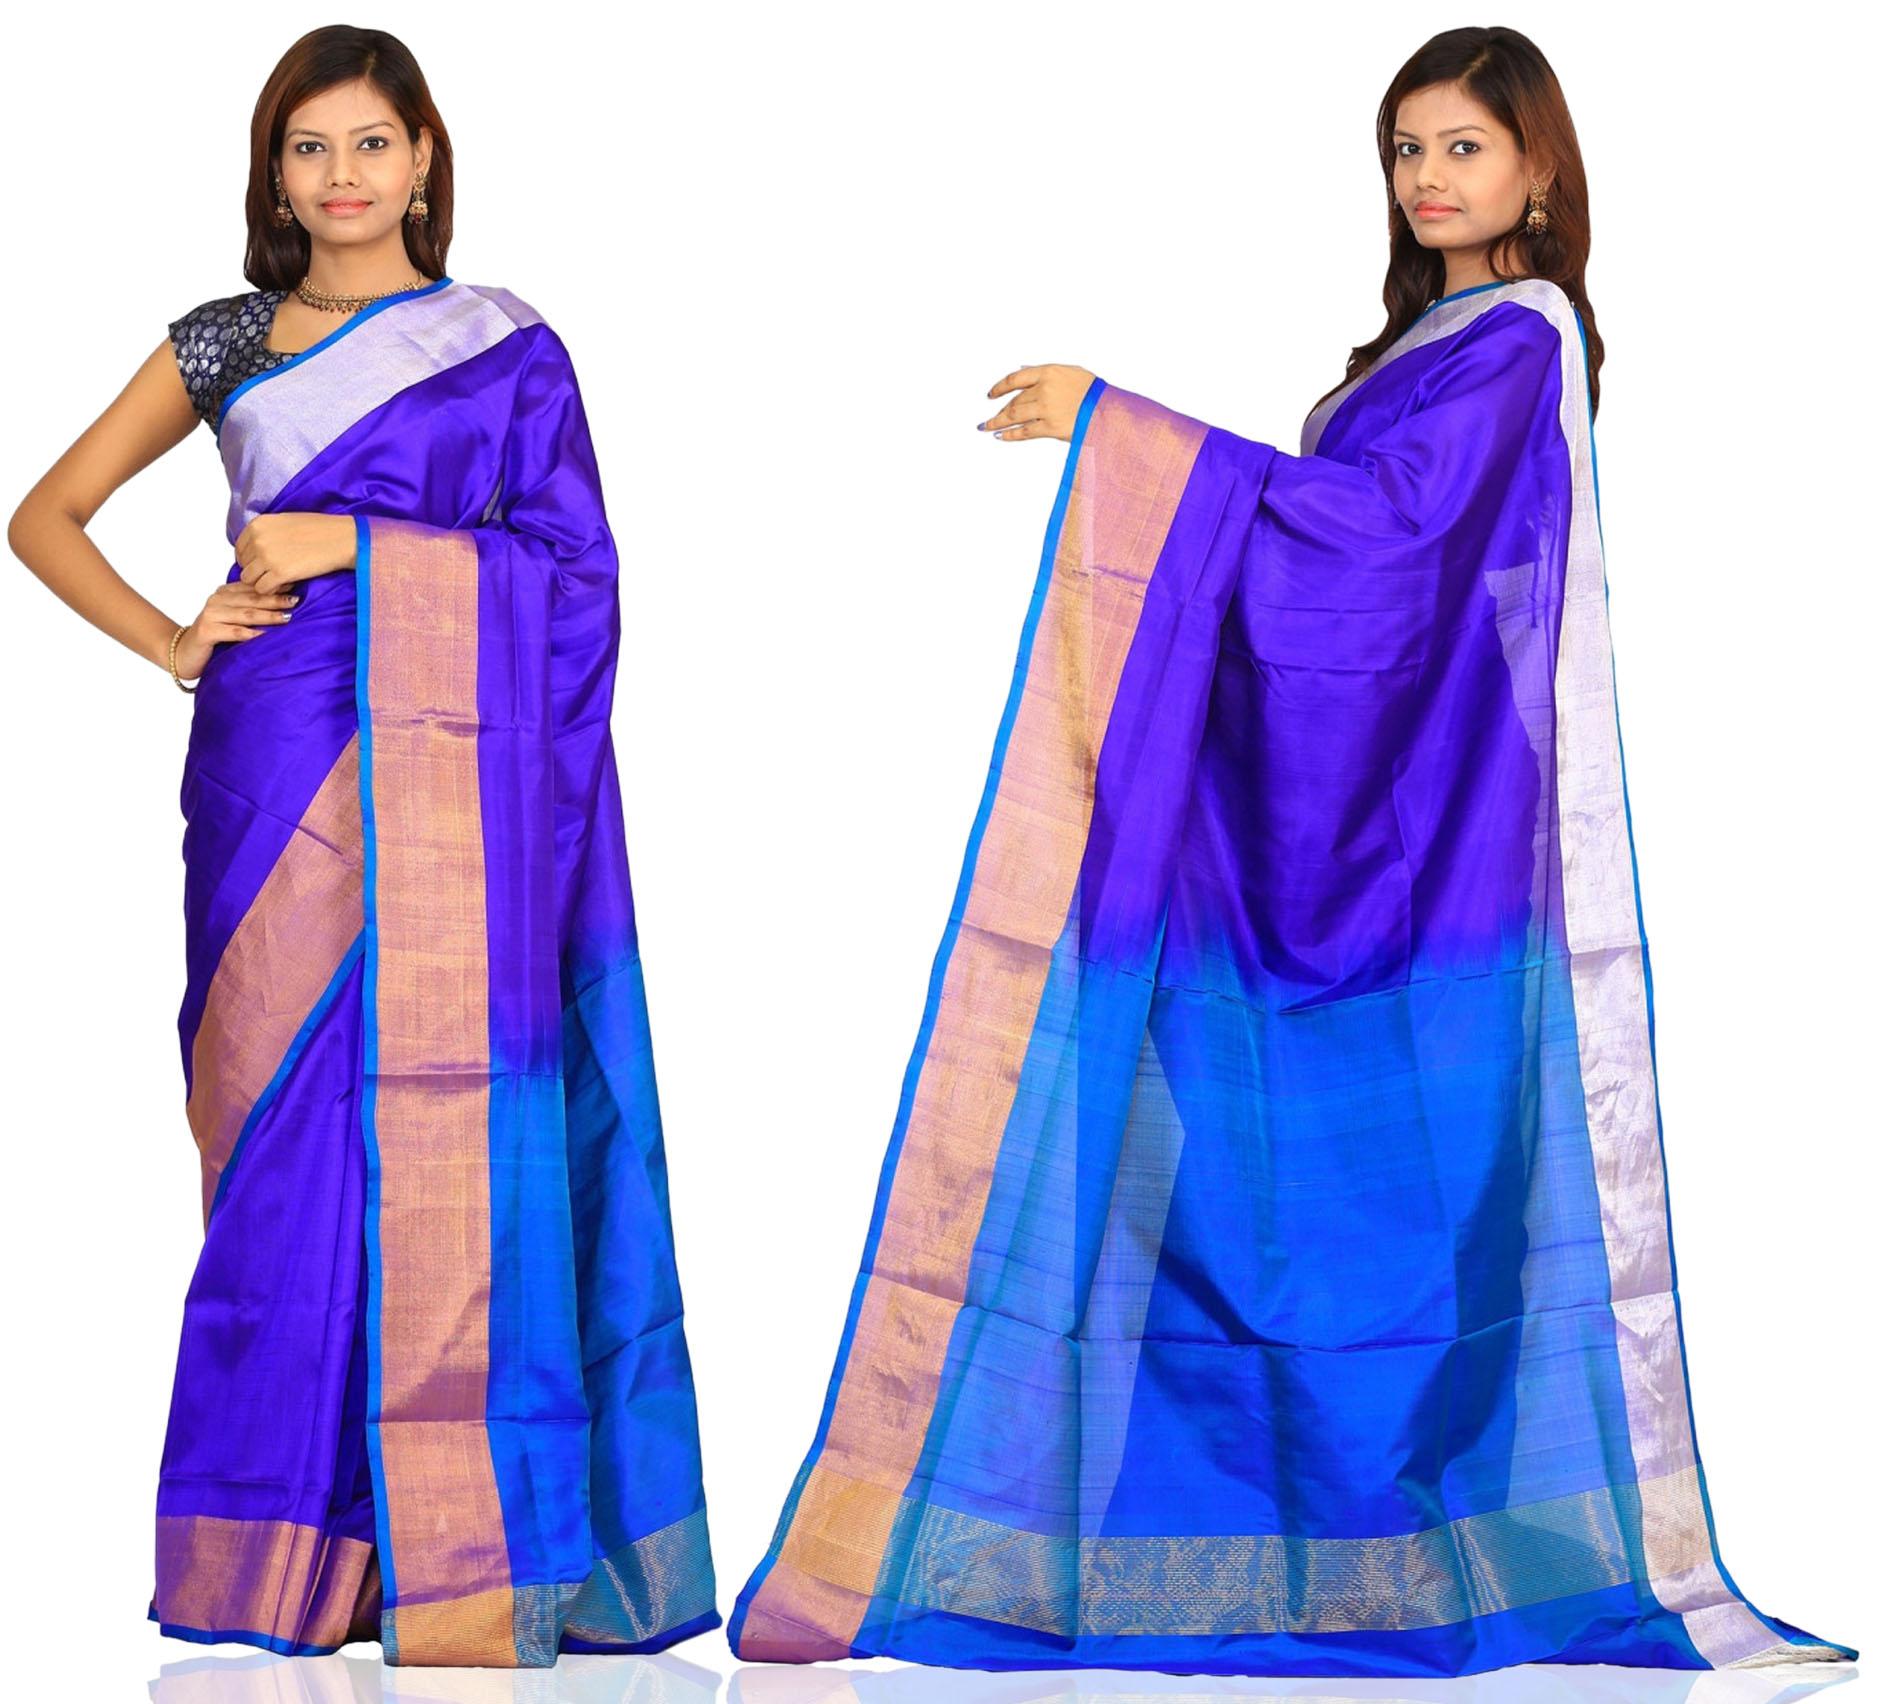 Price: - 6200/-   Uppada presents new collection of uppada sarees, uppada cotton silk sarees, uppada silk sarees, uppada silk sarees. Sign up now for E-book you will be updated with latest collection of ethnic verities. For More Info Click on :- www.uppada.com  We manufacture of Uppada sarees, Paithani sarees, Banarasi sarees, Venkatagiri Sarees, Gadwal Sarees, Khadi sarees, Hand Painted Kalamkari Dupatta, Ikkat sarees, Kanchipuram Sarees, Atr Poly Silk Sarees, Dupattas, Stoles etc. For more info us at 040 64640303, 441905005. - by Paithani, Hyderabad